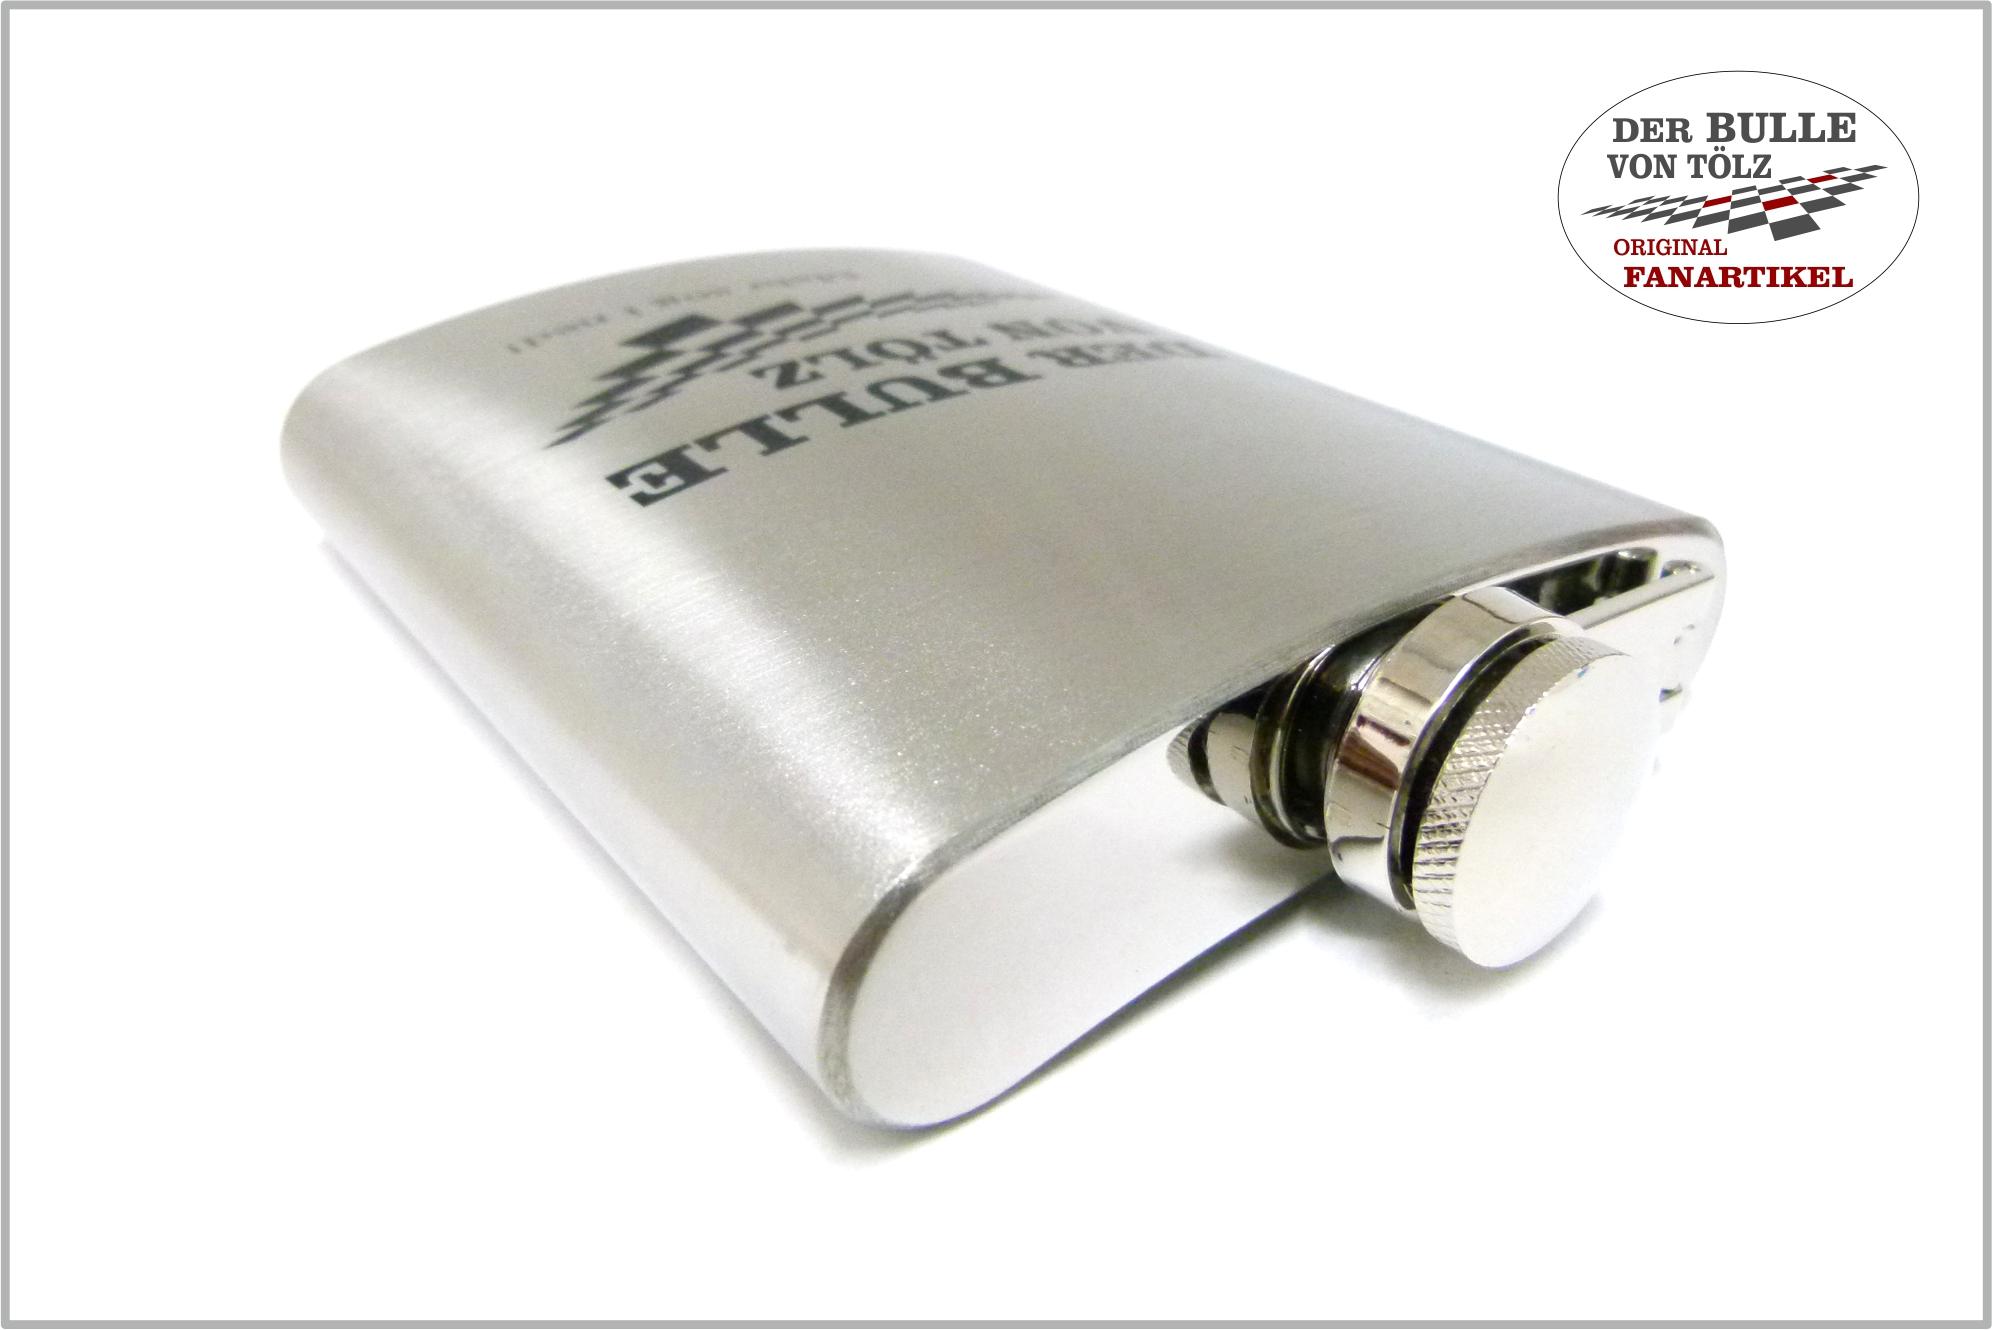 Flachmann - Edelstahl mit 177 ml Inhalt - Lasergravur